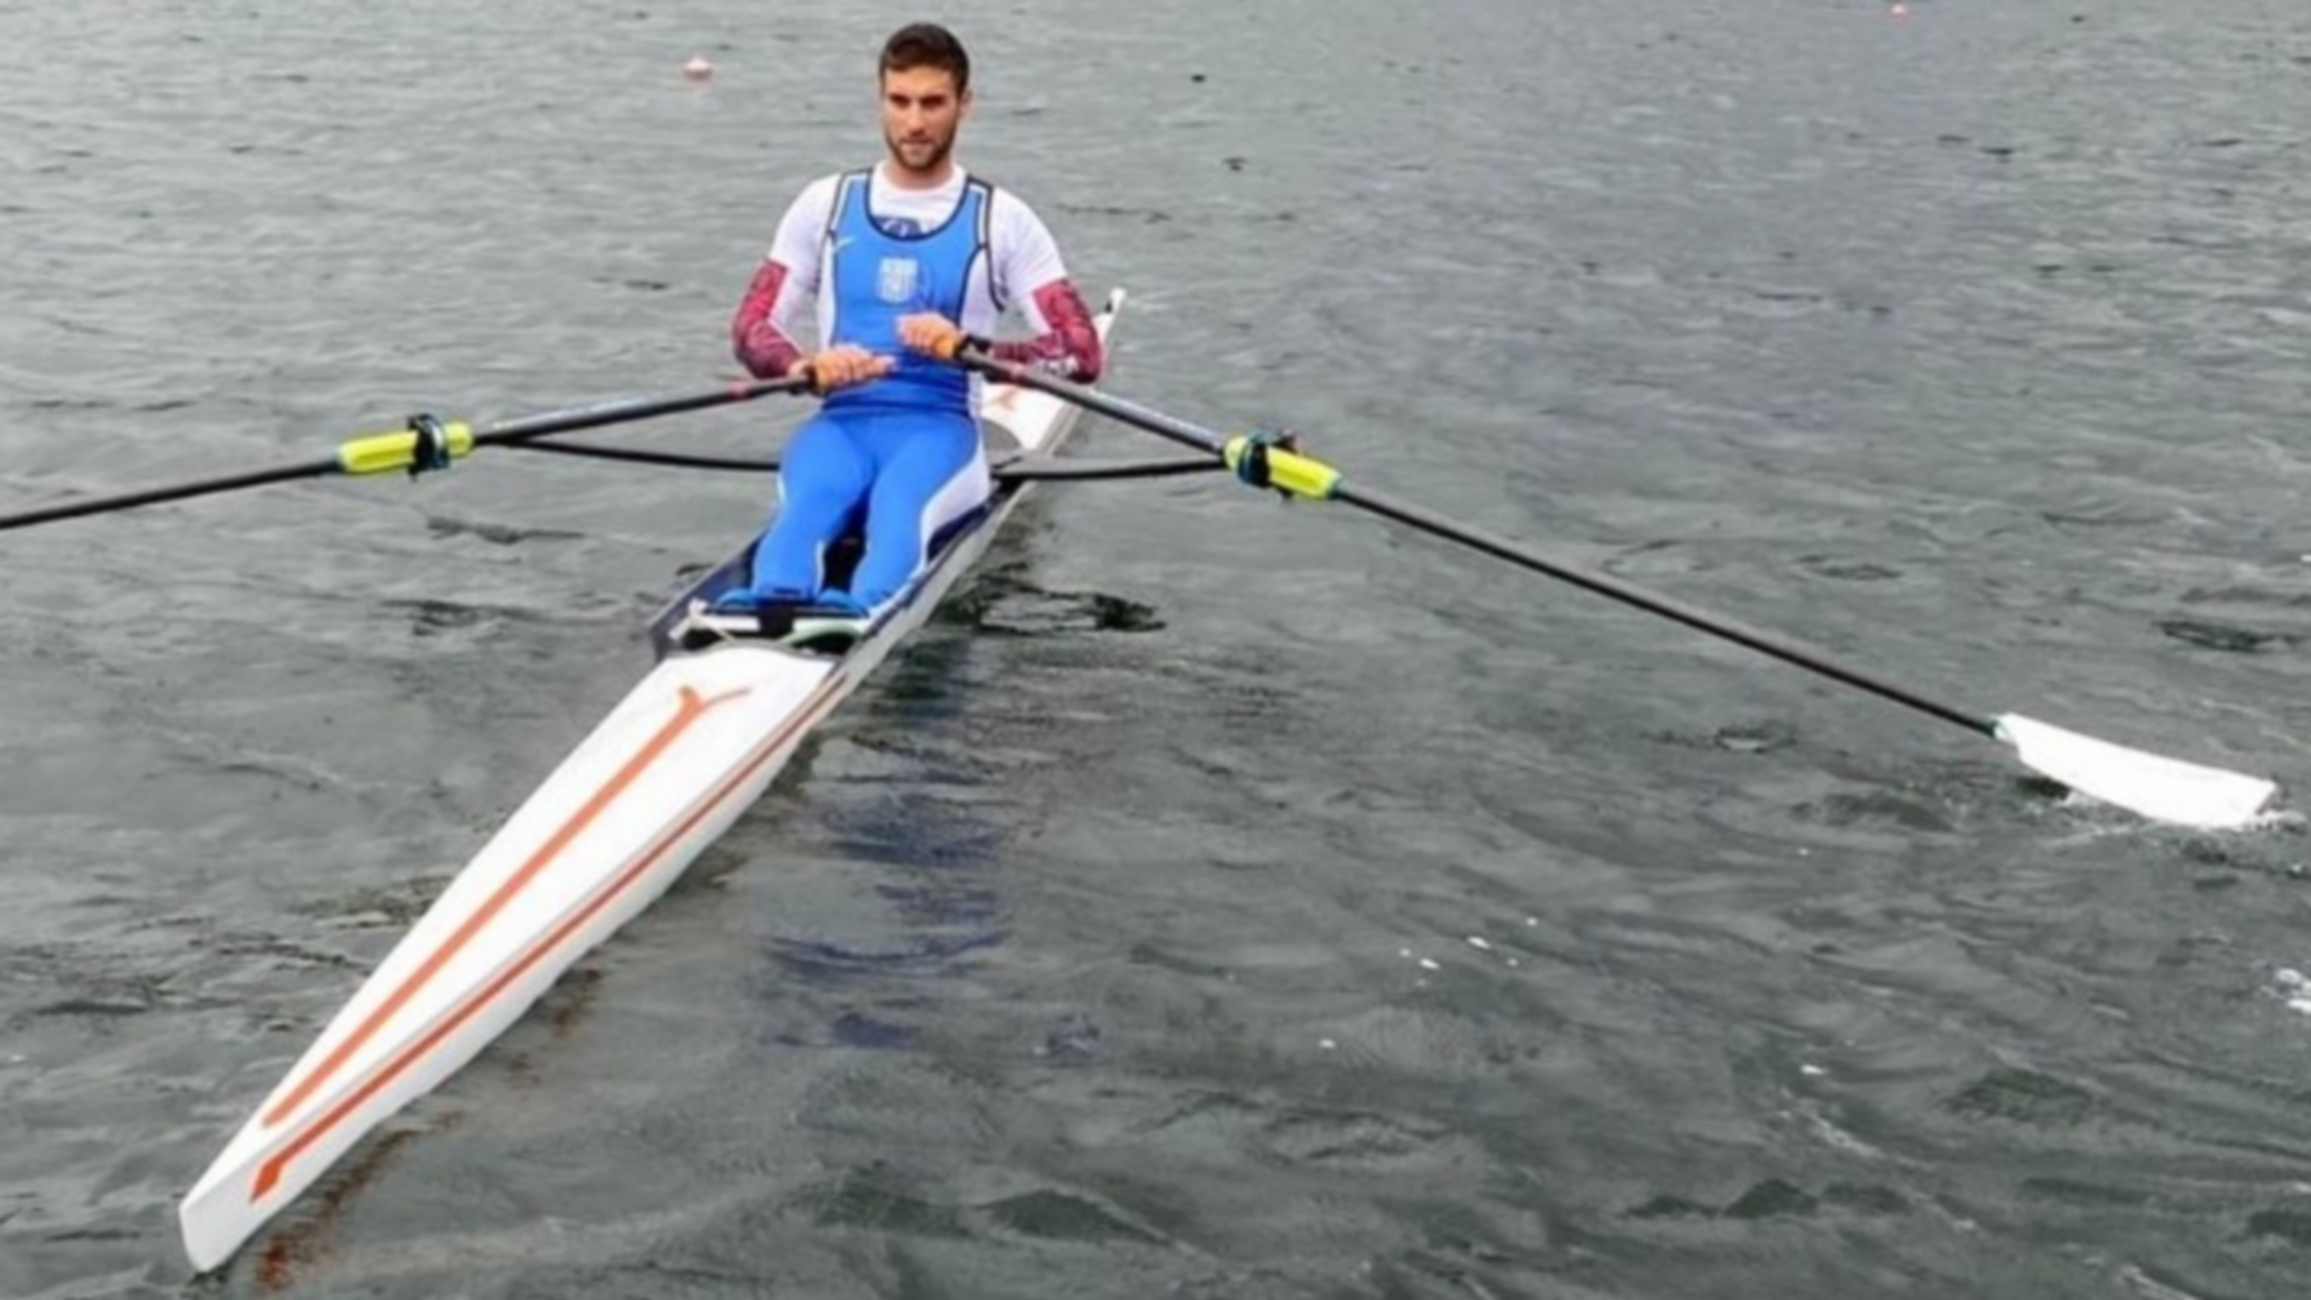 Προκρίθηκε στους Ολυμπιακούς Αγώνες ο Ντούσκος (videos)